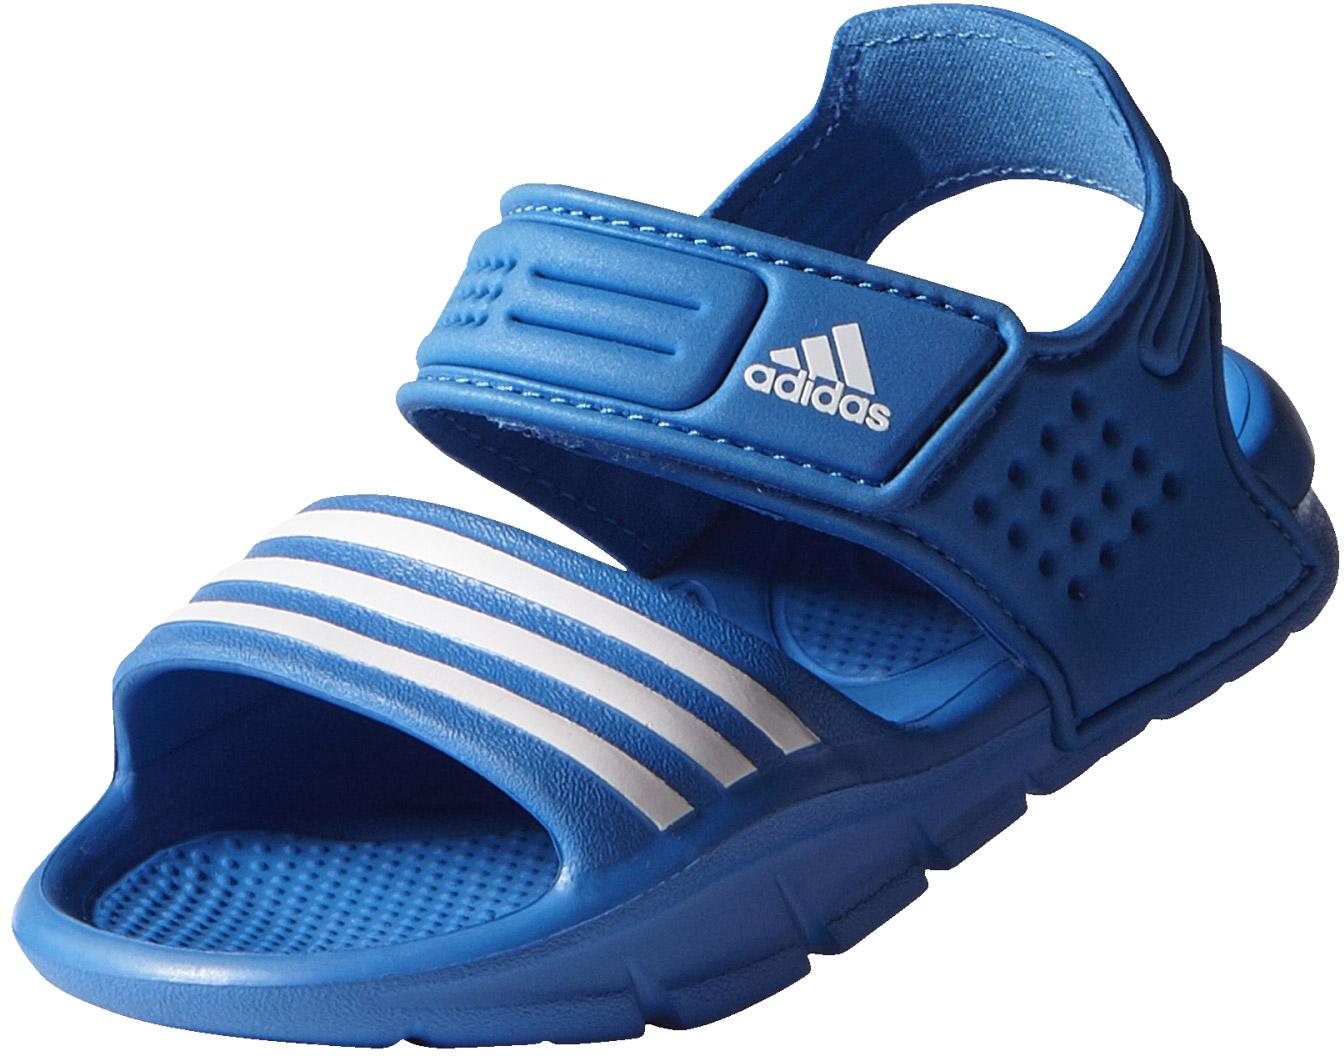 AKWAH 8 I - Children s sandals 9e08a9a064d